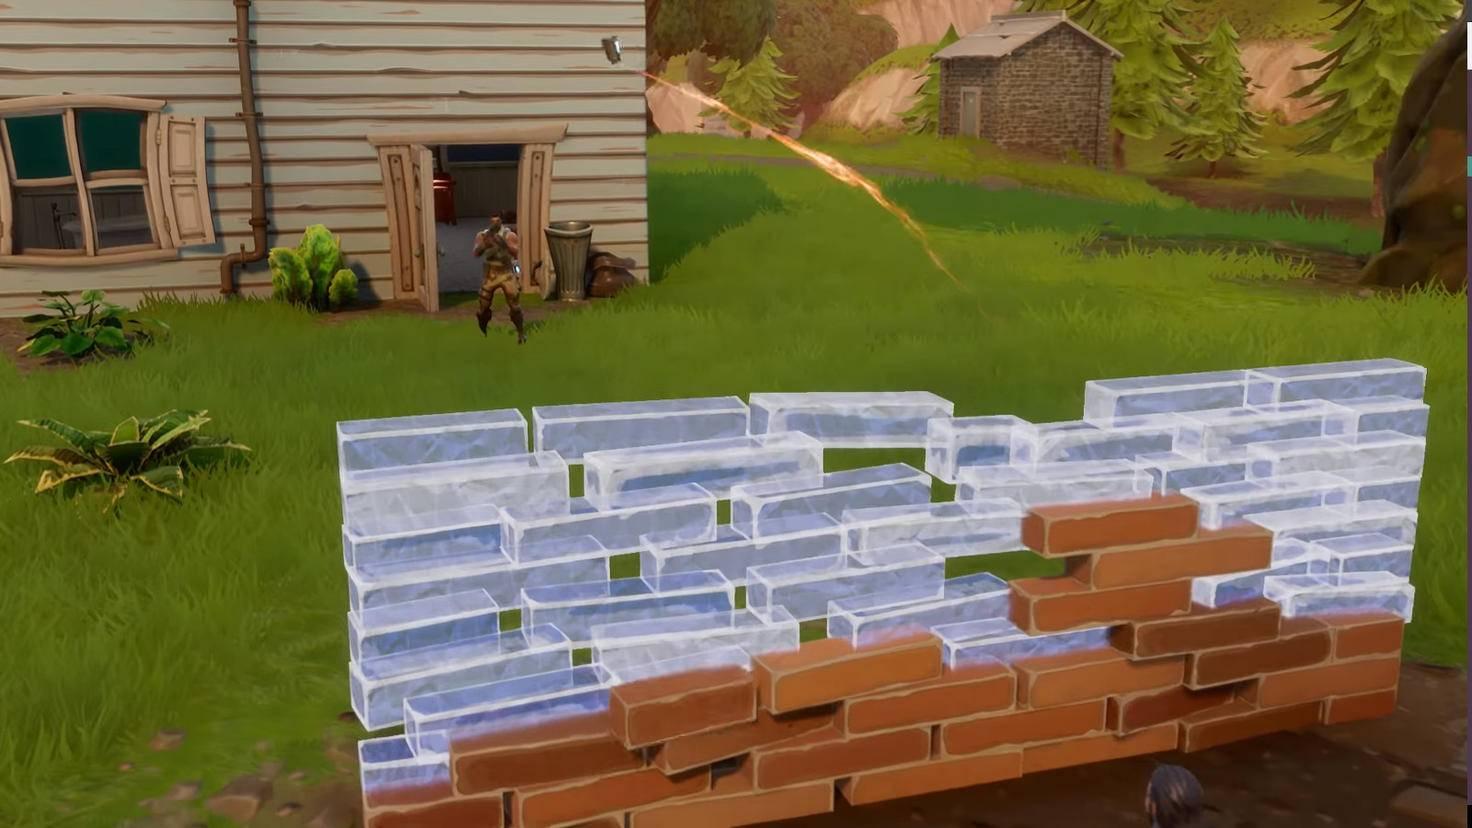 Taktik für kühle Köpfe: Mauer hochziehen, Granate drüberwerfen.